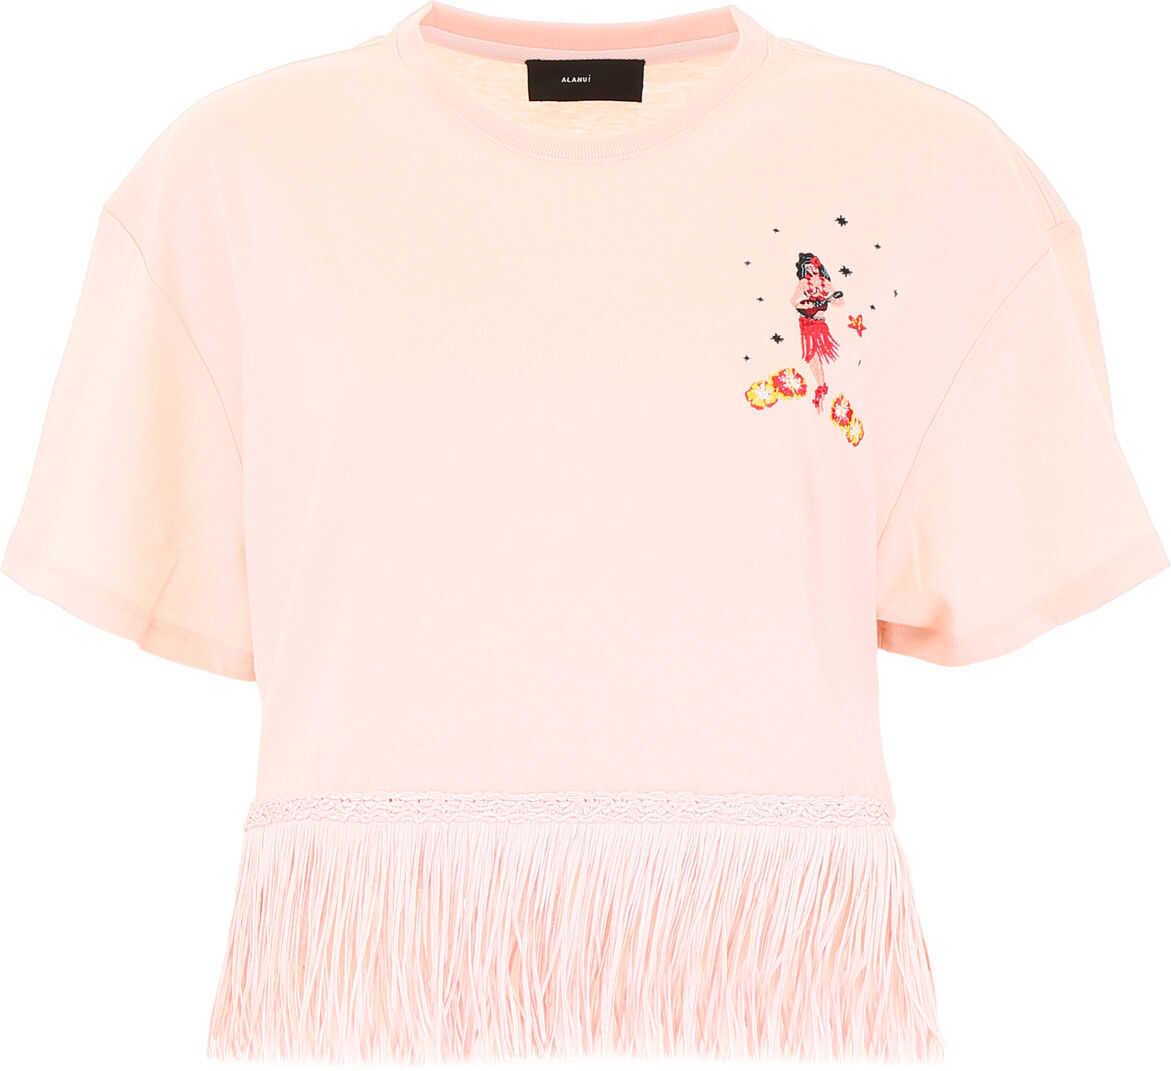 ALANUI Fringed Hawaiian T-Shirt PINK MULTI